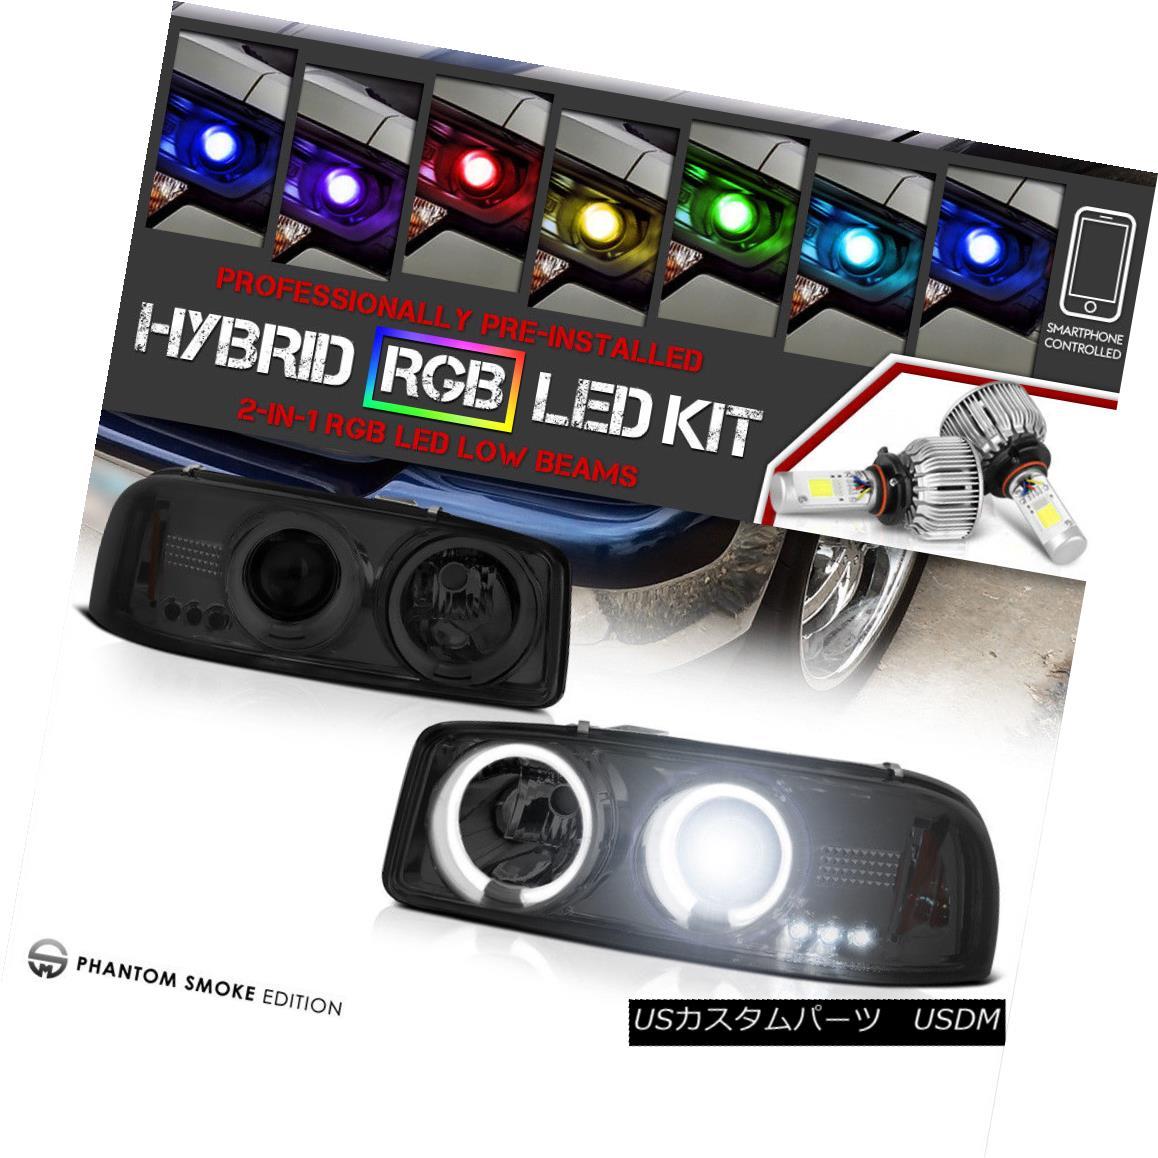 ヘッドライト 99-06 GMC Sierra Pickup Denali New CCFL Halo Headlights [Rainbow LED Low Beam] 99-06 GMCシエラピックアップデナリ新しいCCFLハローヘッドライト[レインボーLEDロービーム]